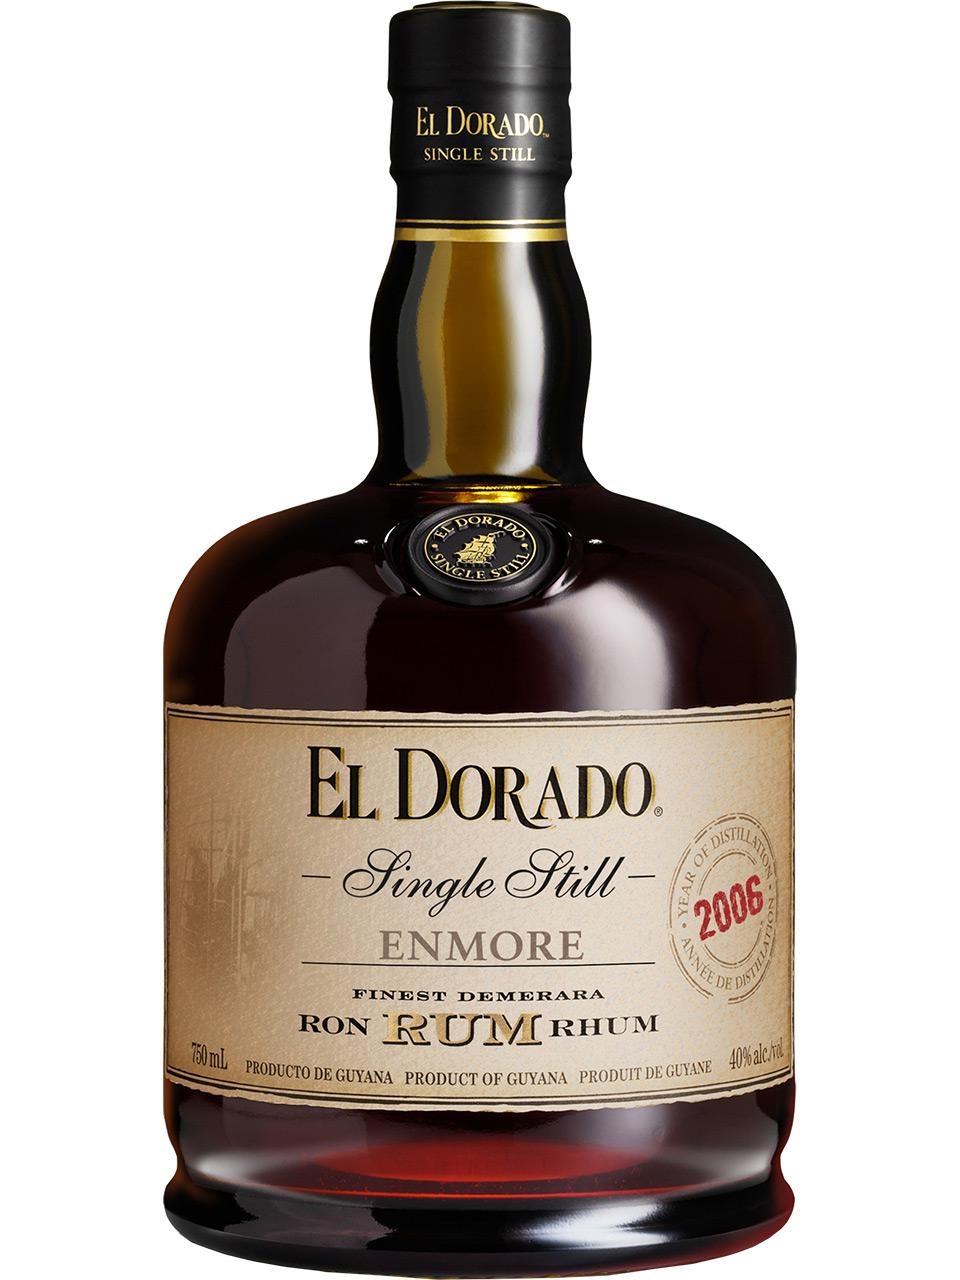 El Dorado Enmore Single Still Rum